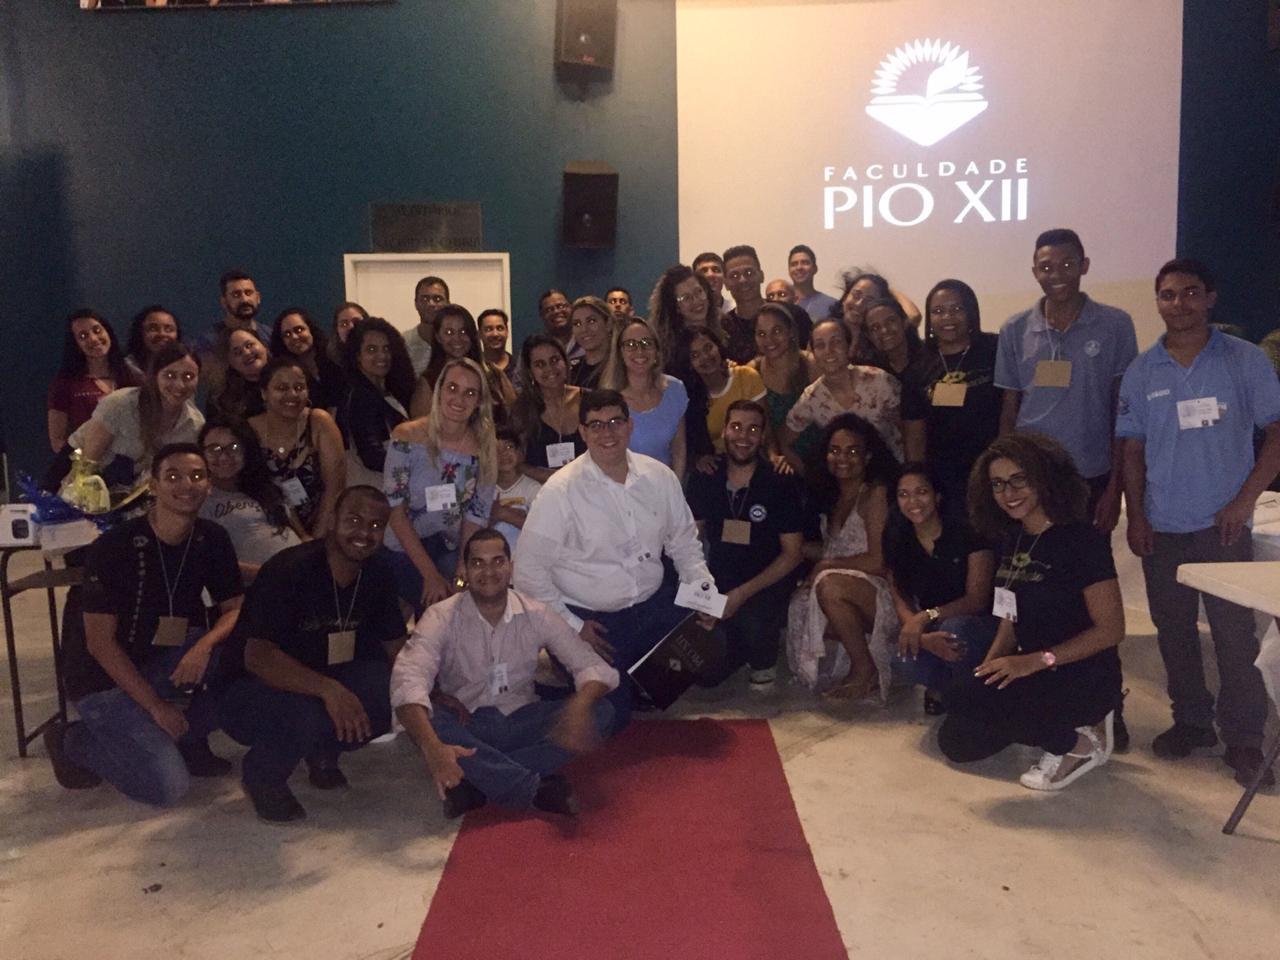 IV Feira do empreendedorismo é sucesso na PIO XII